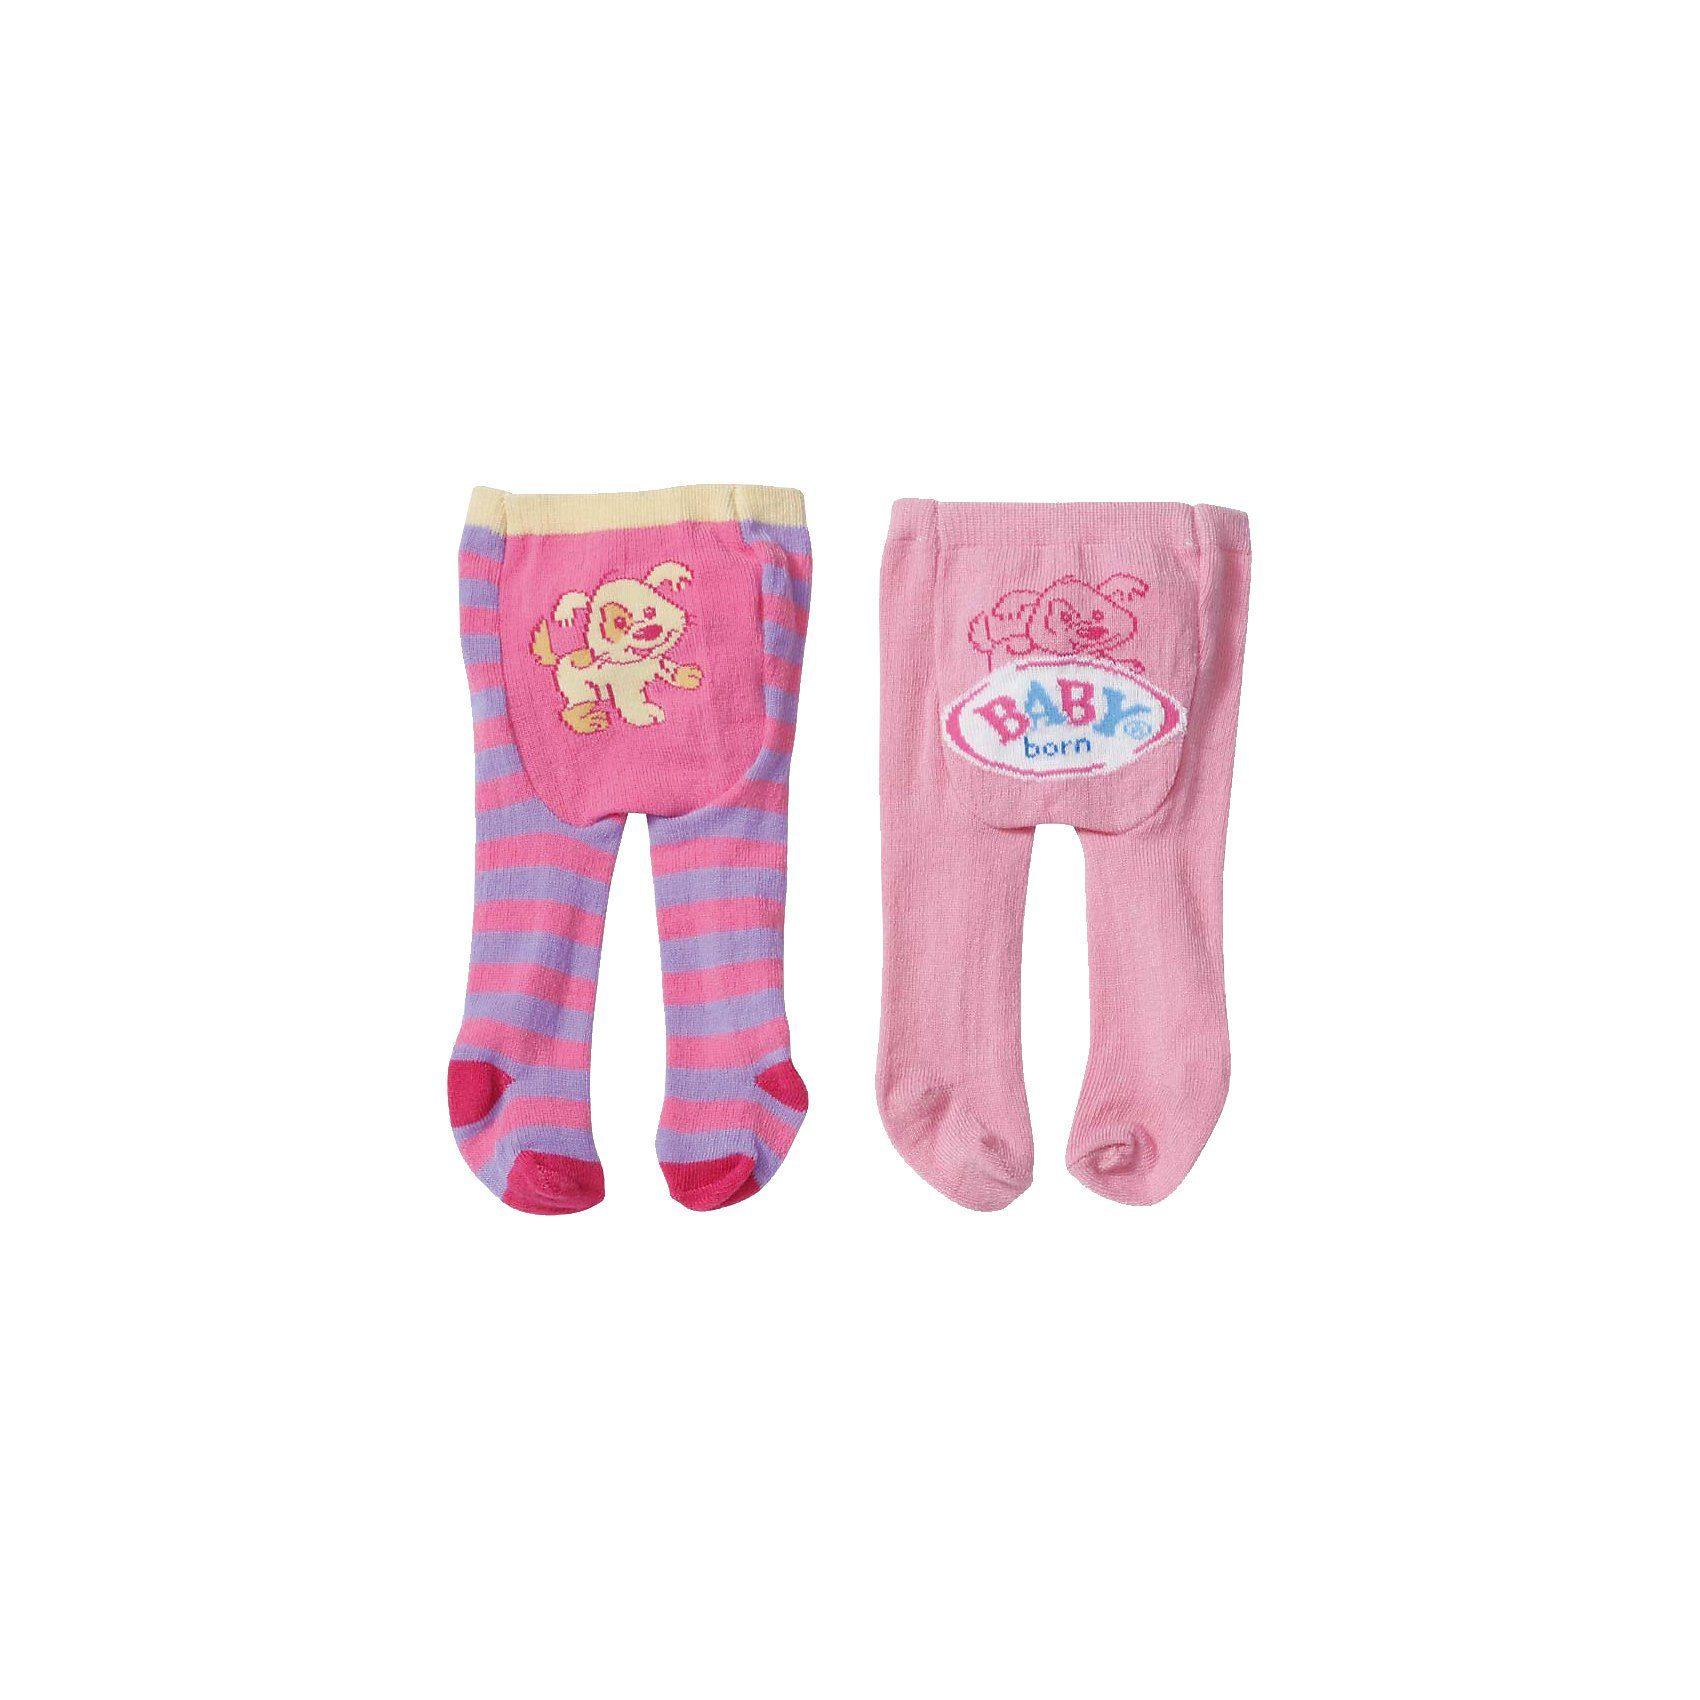 Zapf Creation BABY born® Puppenkleidung Strumpfhosen 2er Pack